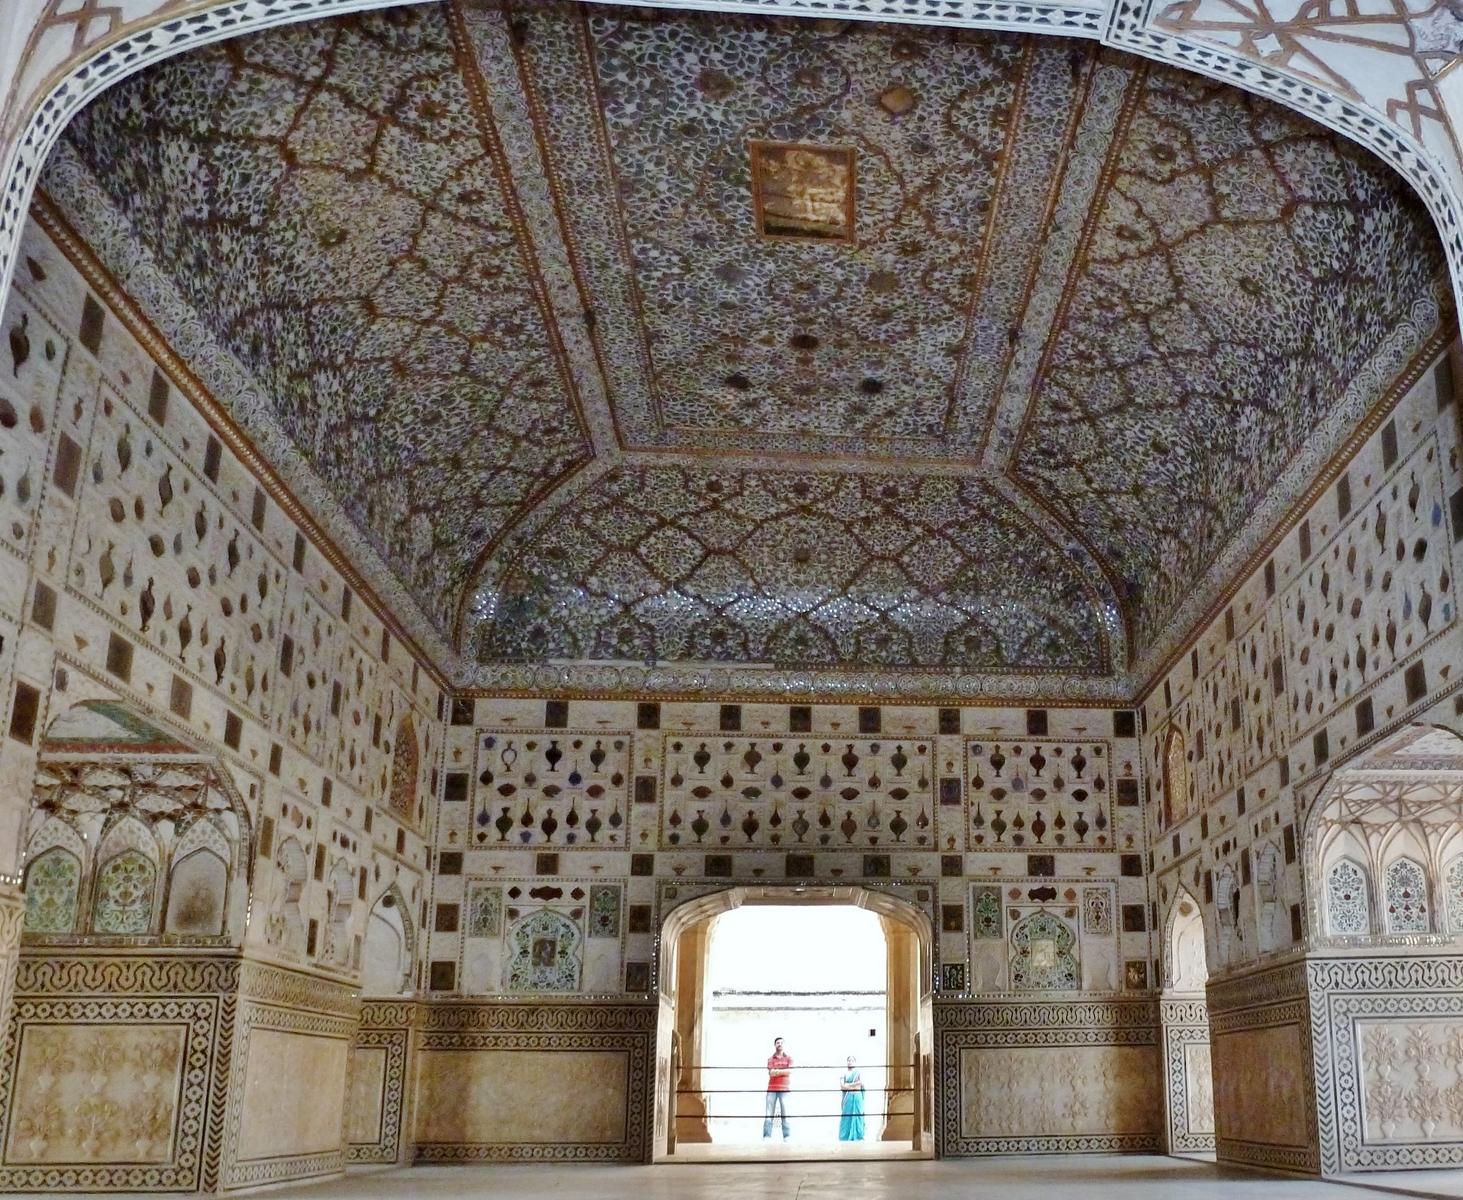 Inde namaste 4 avril 2012 fort d 39 amber amber fort for Dessin miroir bris